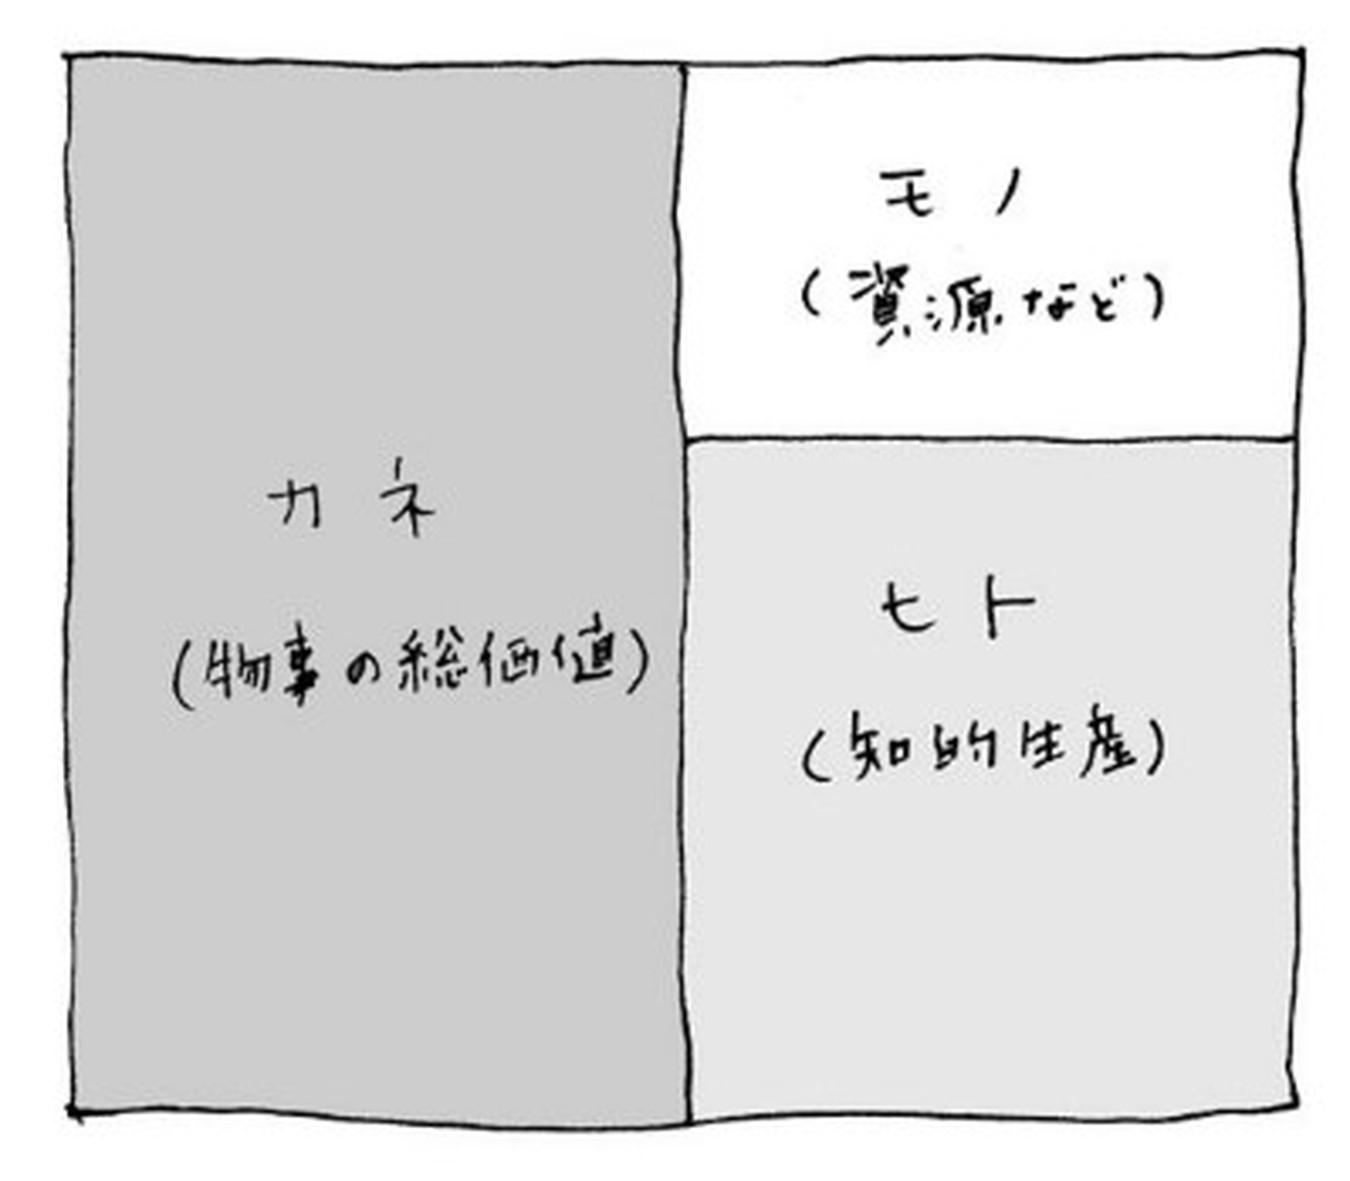 【読概】弾言